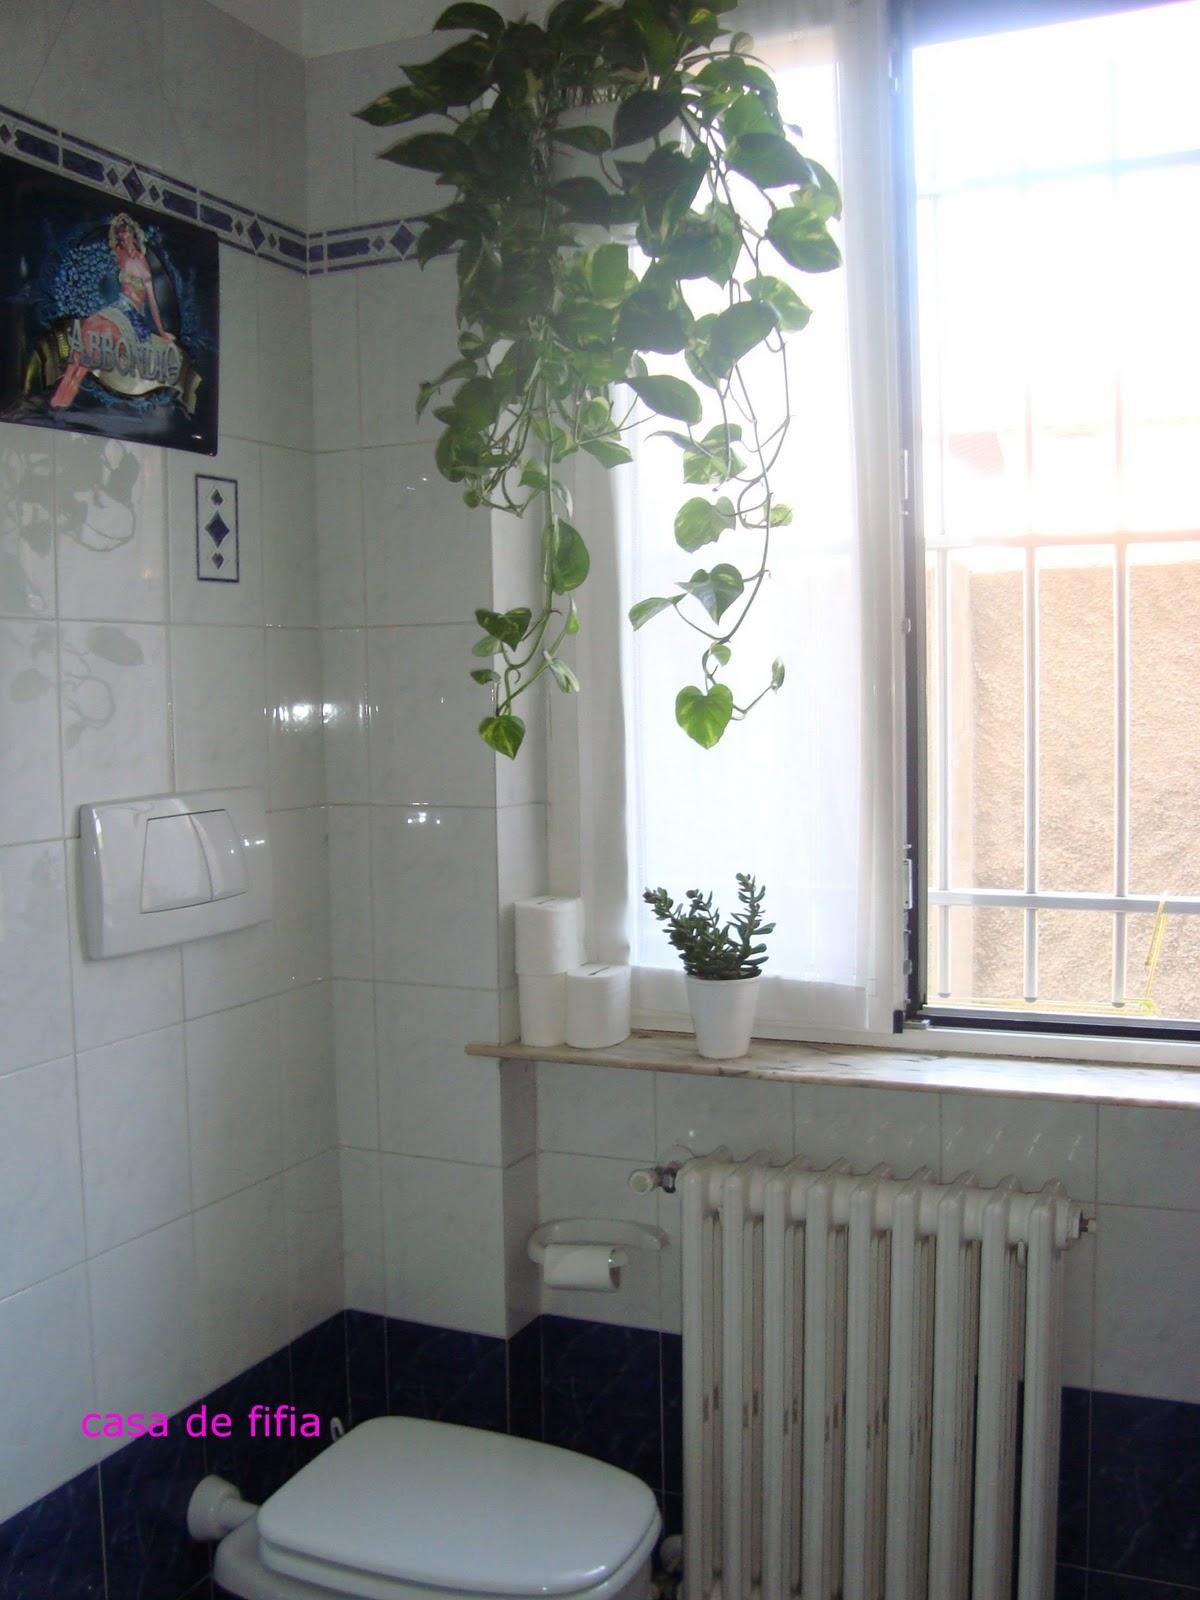 casa de fifia blog de decoração  meu banheiro antes e depo -> Decoracao Meu Banheiro